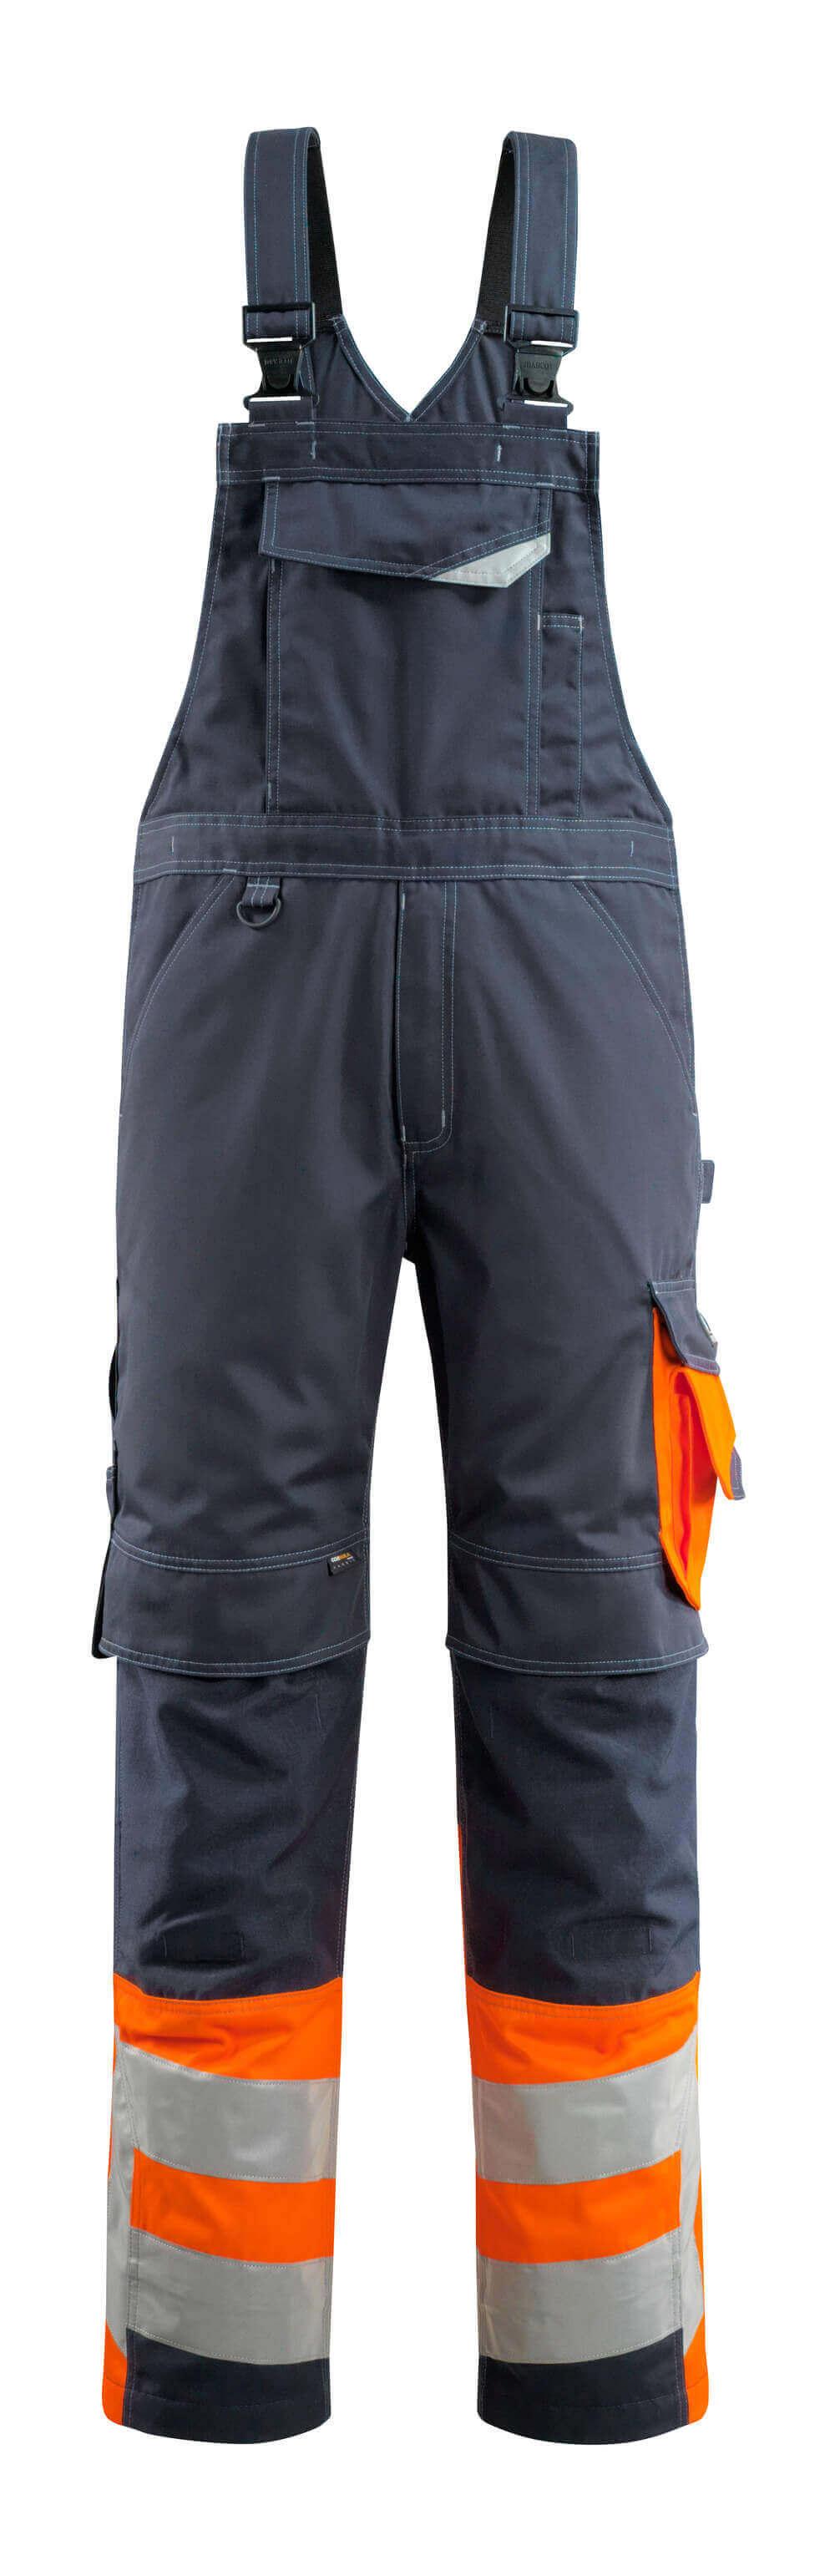 15669-860-01014 Salopette avec poches genouillères - Marine foncé/Hi-vis orange